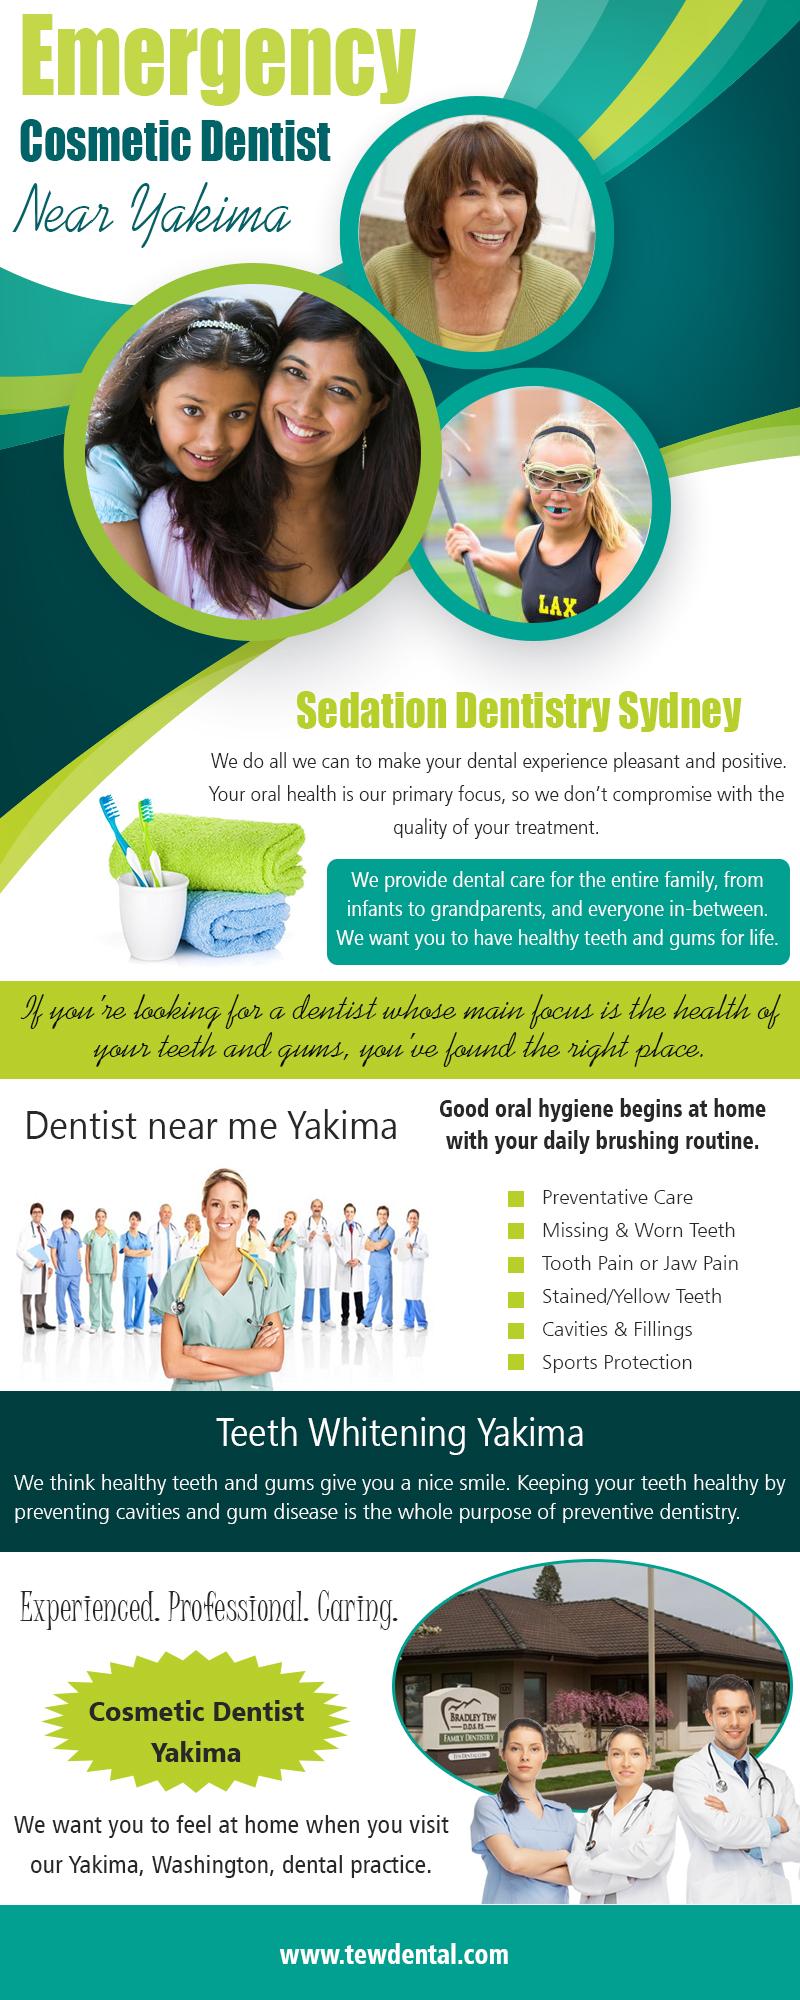 Emergency Cosmetic Dentist Veneers Yakima | 509728932 | tewdental.com